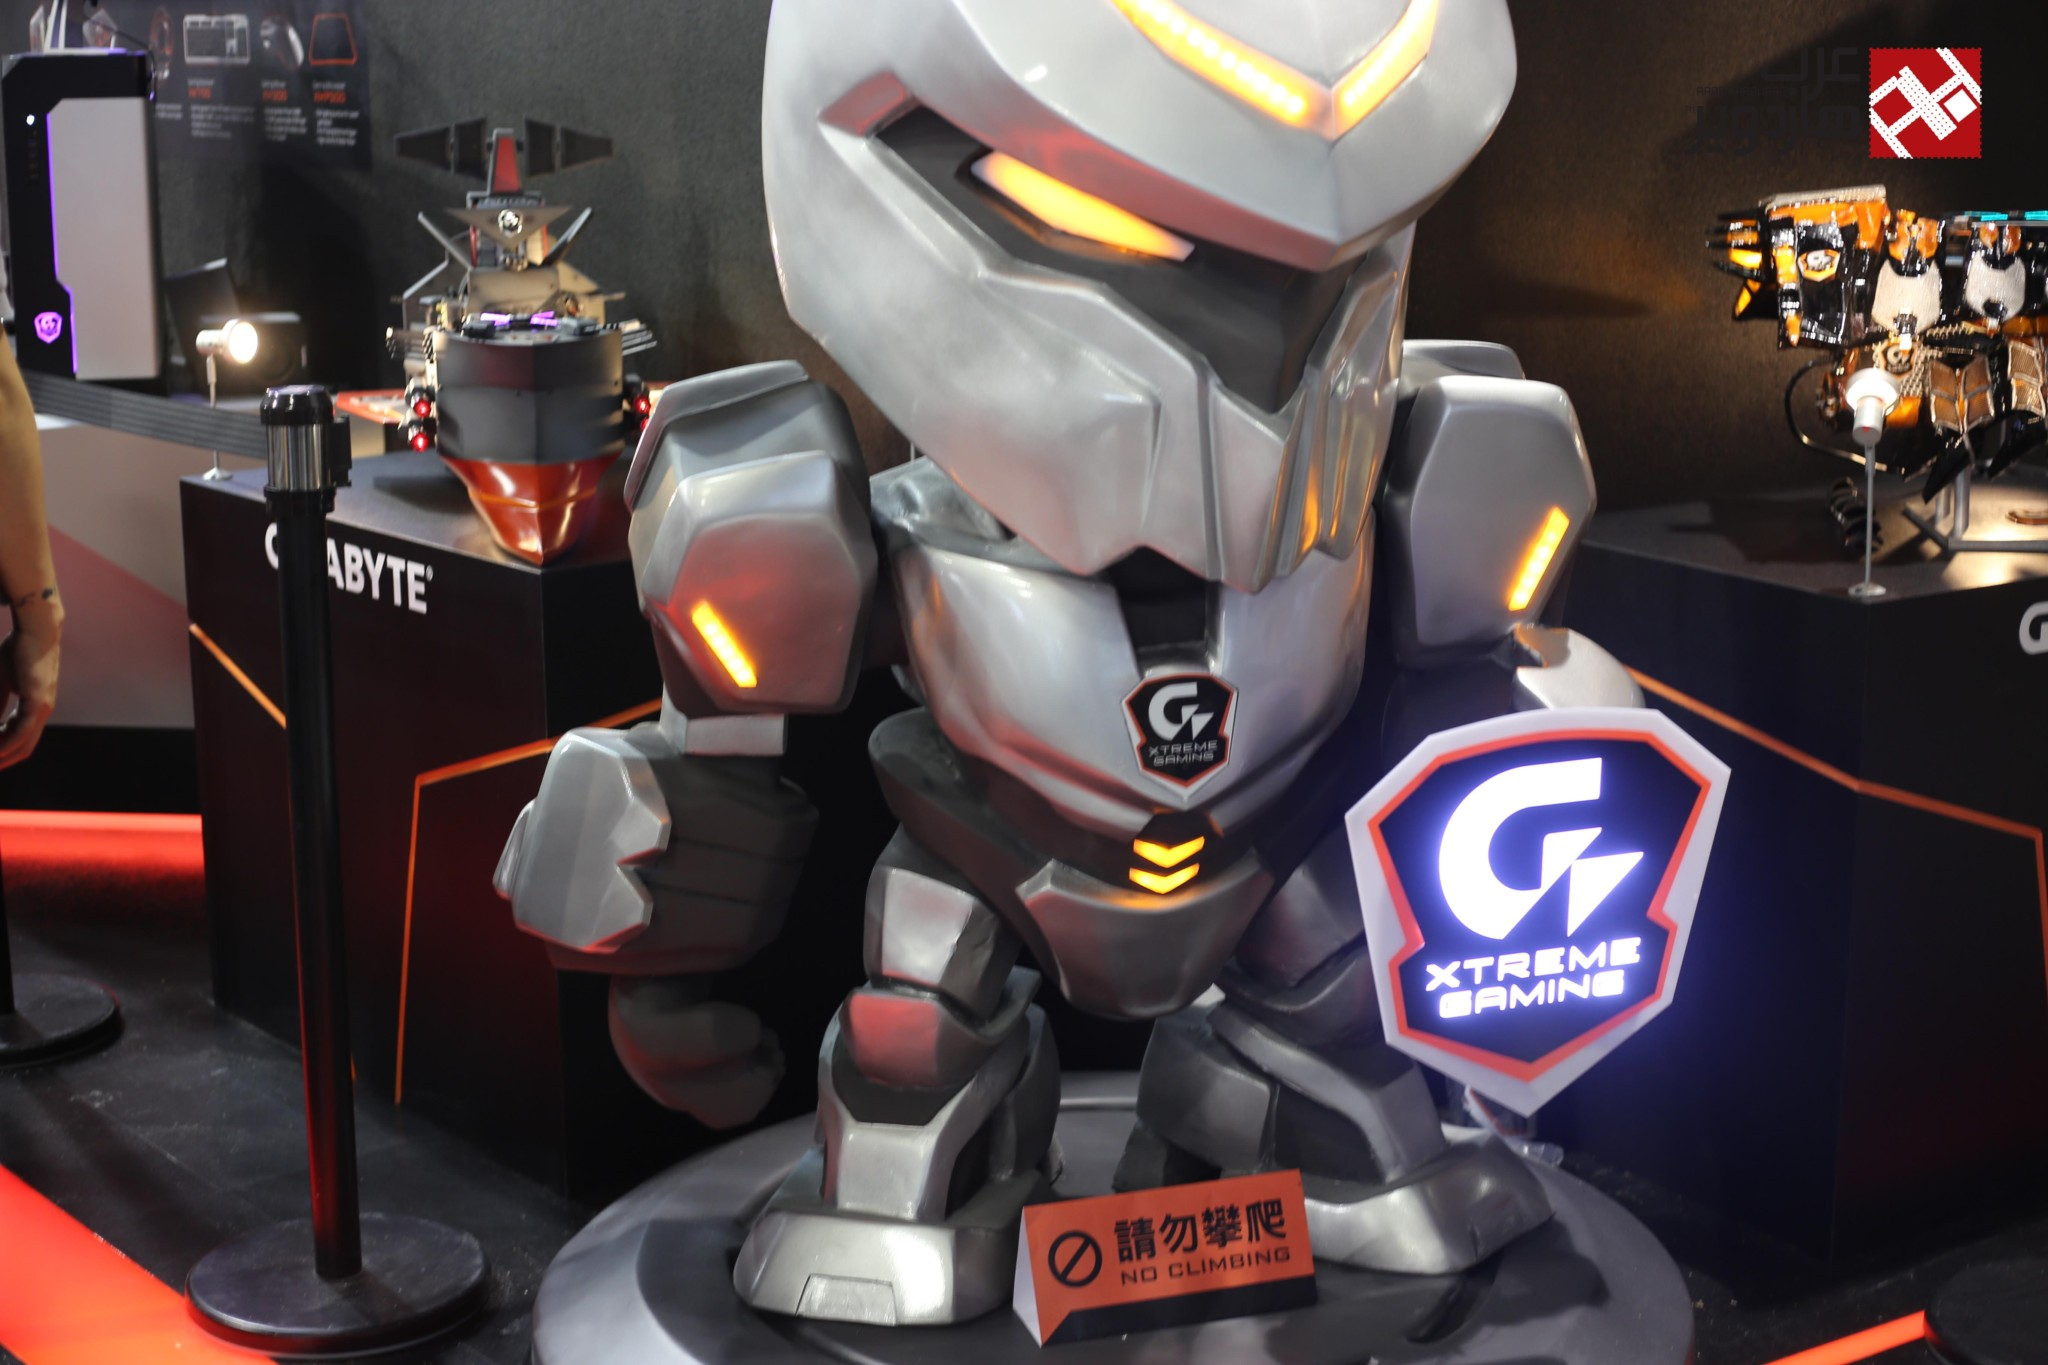 GTX 1080 XTREME GAMING-15